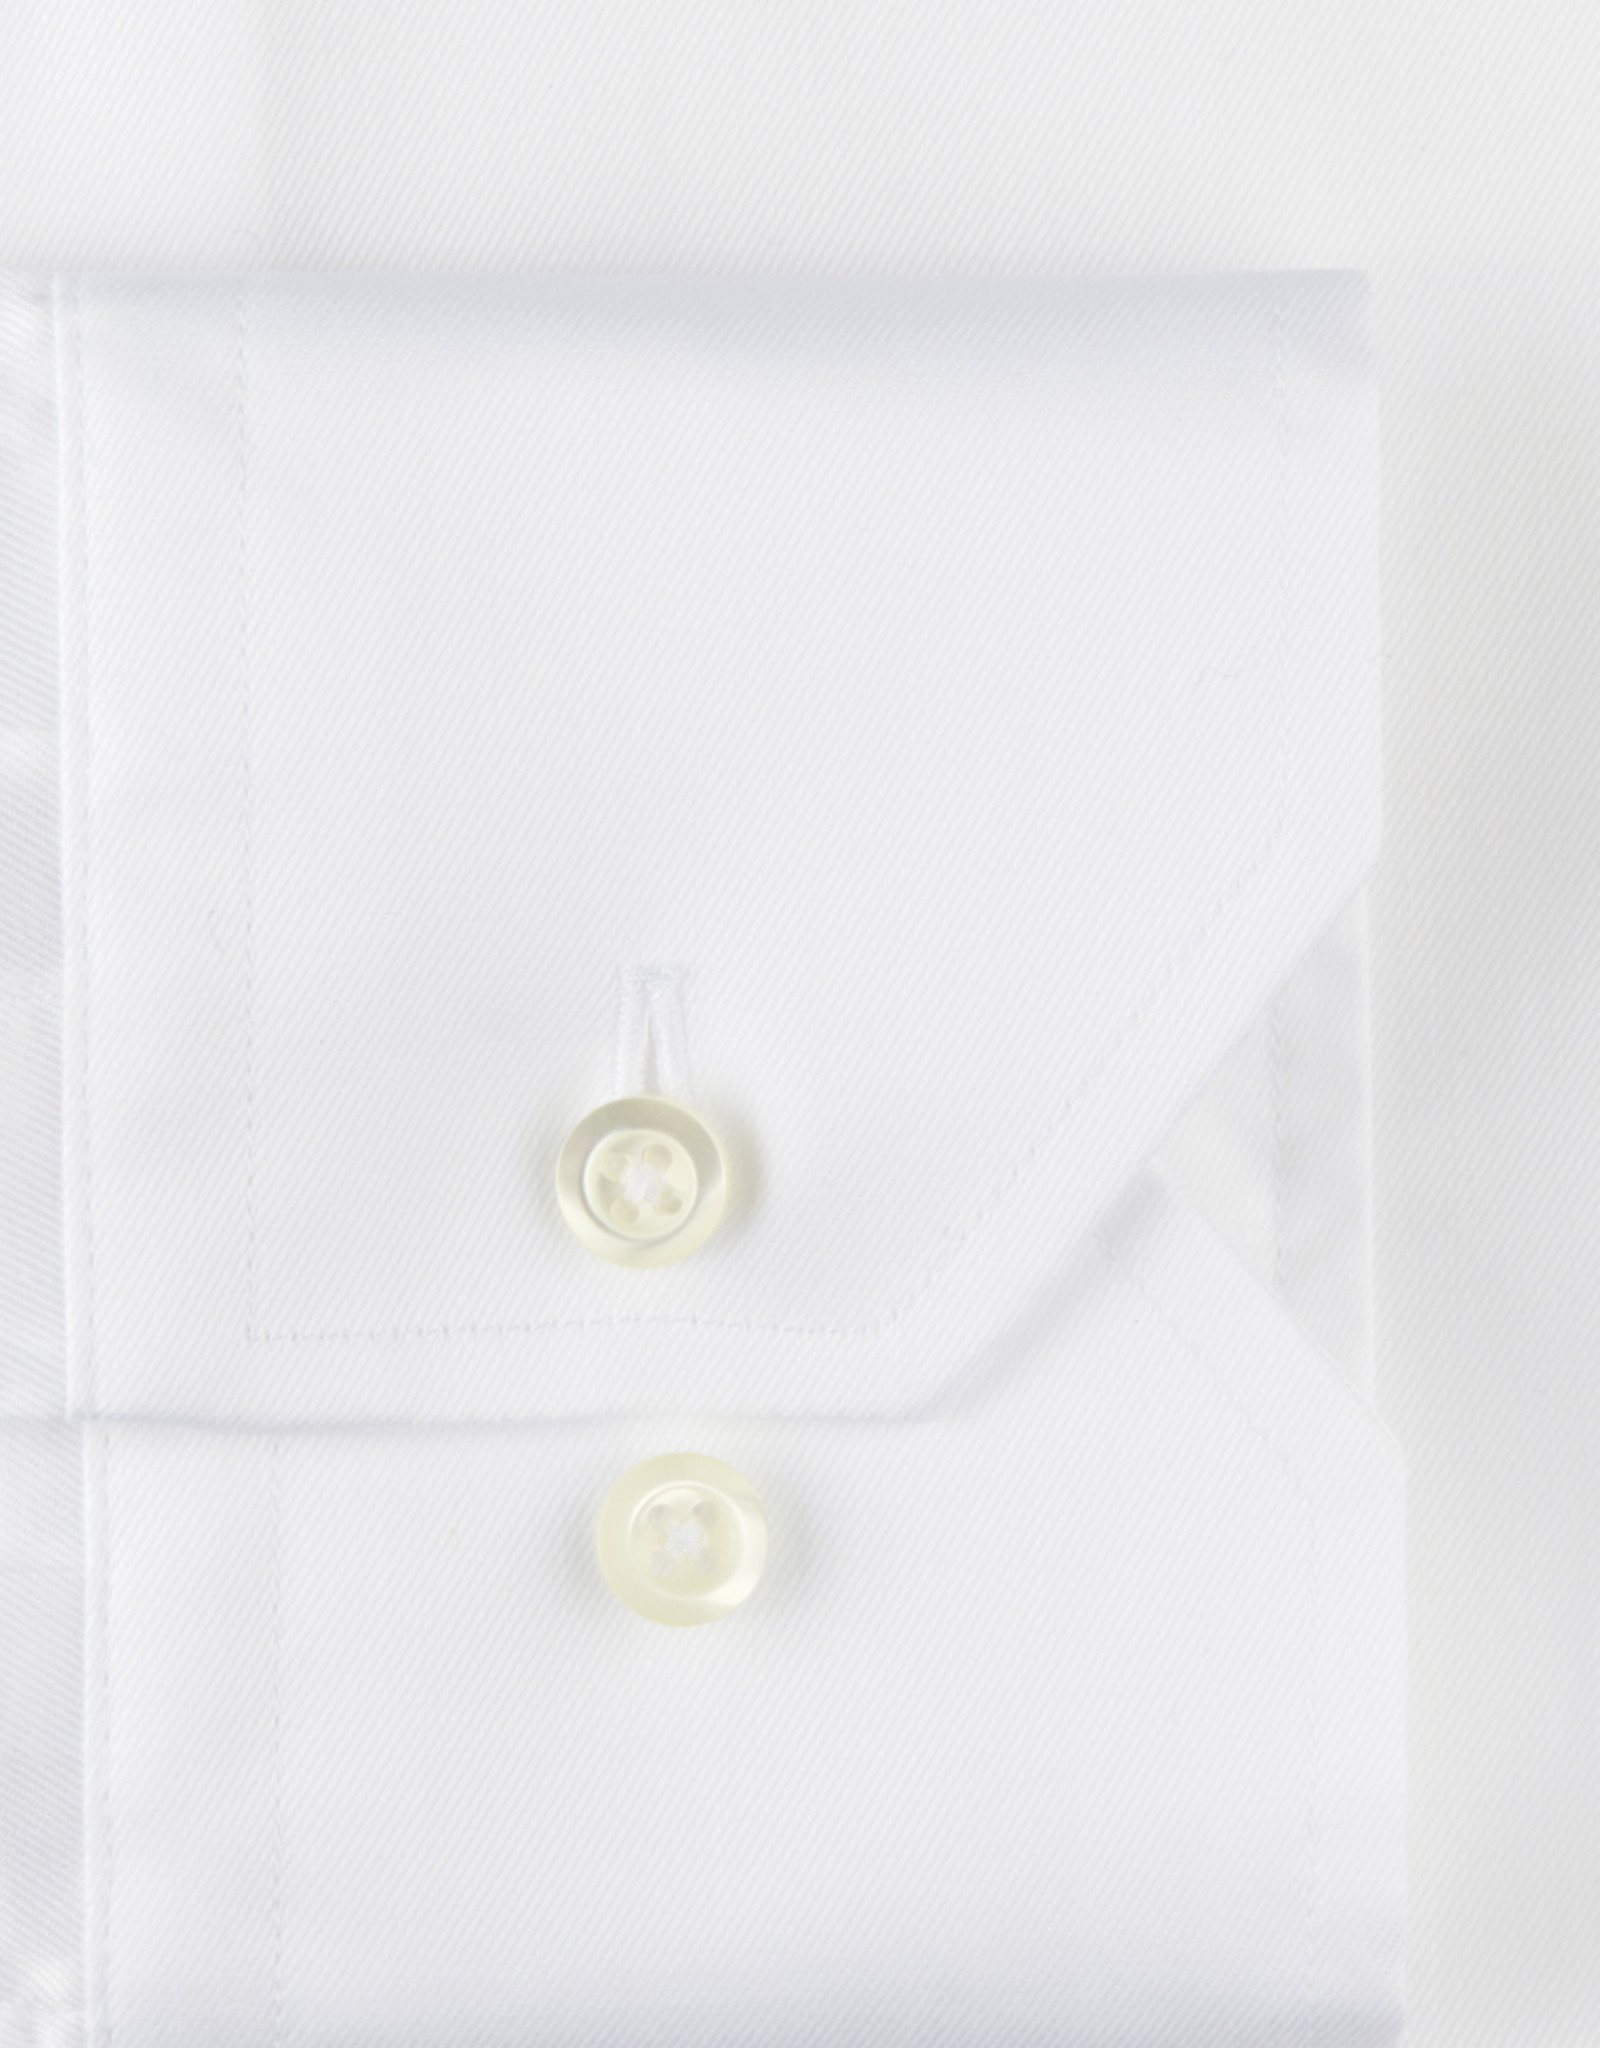 Stenströms Stenströms hemd wit stretch Fitted body 602751-7136/000